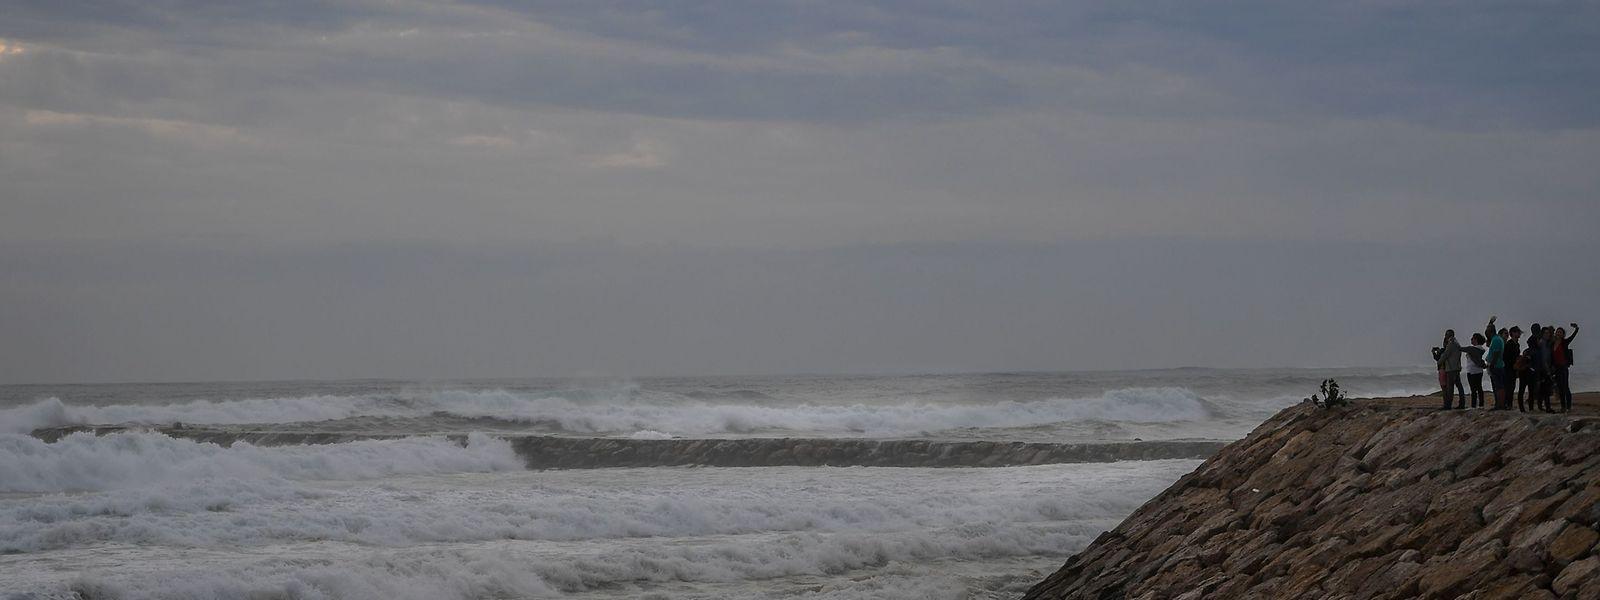 Des curieux observent les vagues sur la Costa da Caparica, près de Lisbonne.